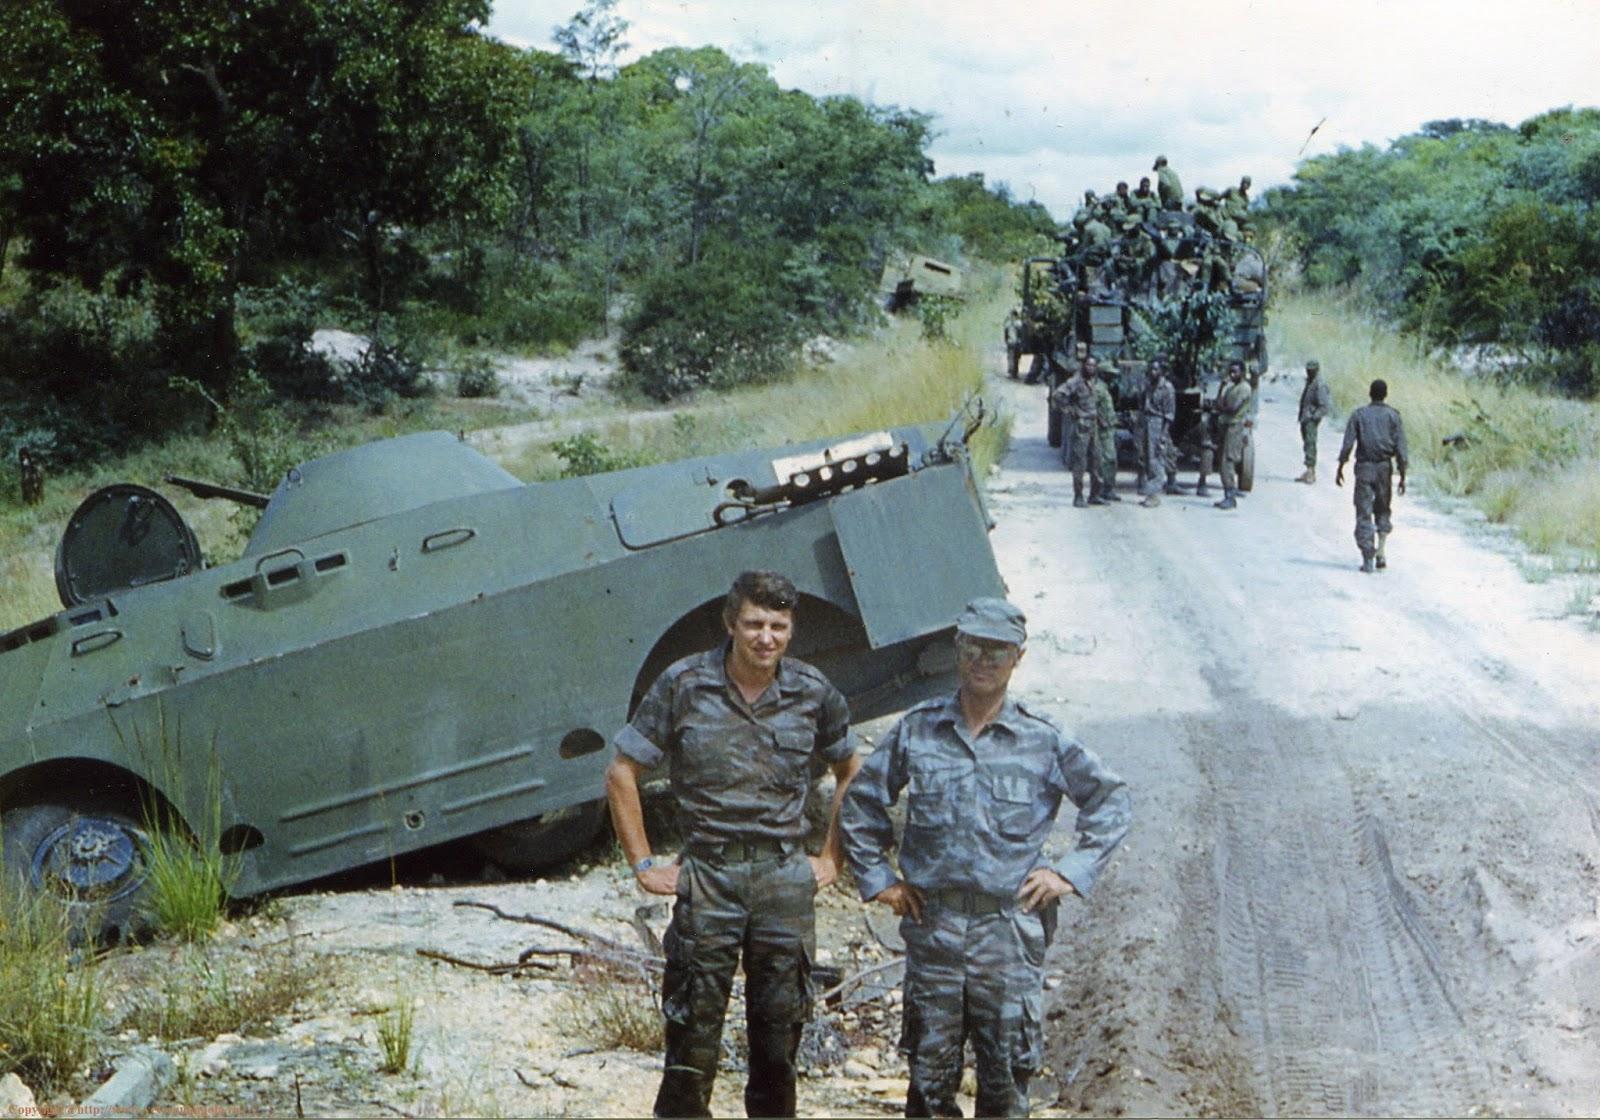 http://3.bp.blogspot.com/-fiw_PR0lQrQ/VlDpmreBMNI/AAAAAAAAUiY/eeiRe84-DRY/s1600/soviet%2Btroops%2BAngola2%2B1988.jpg